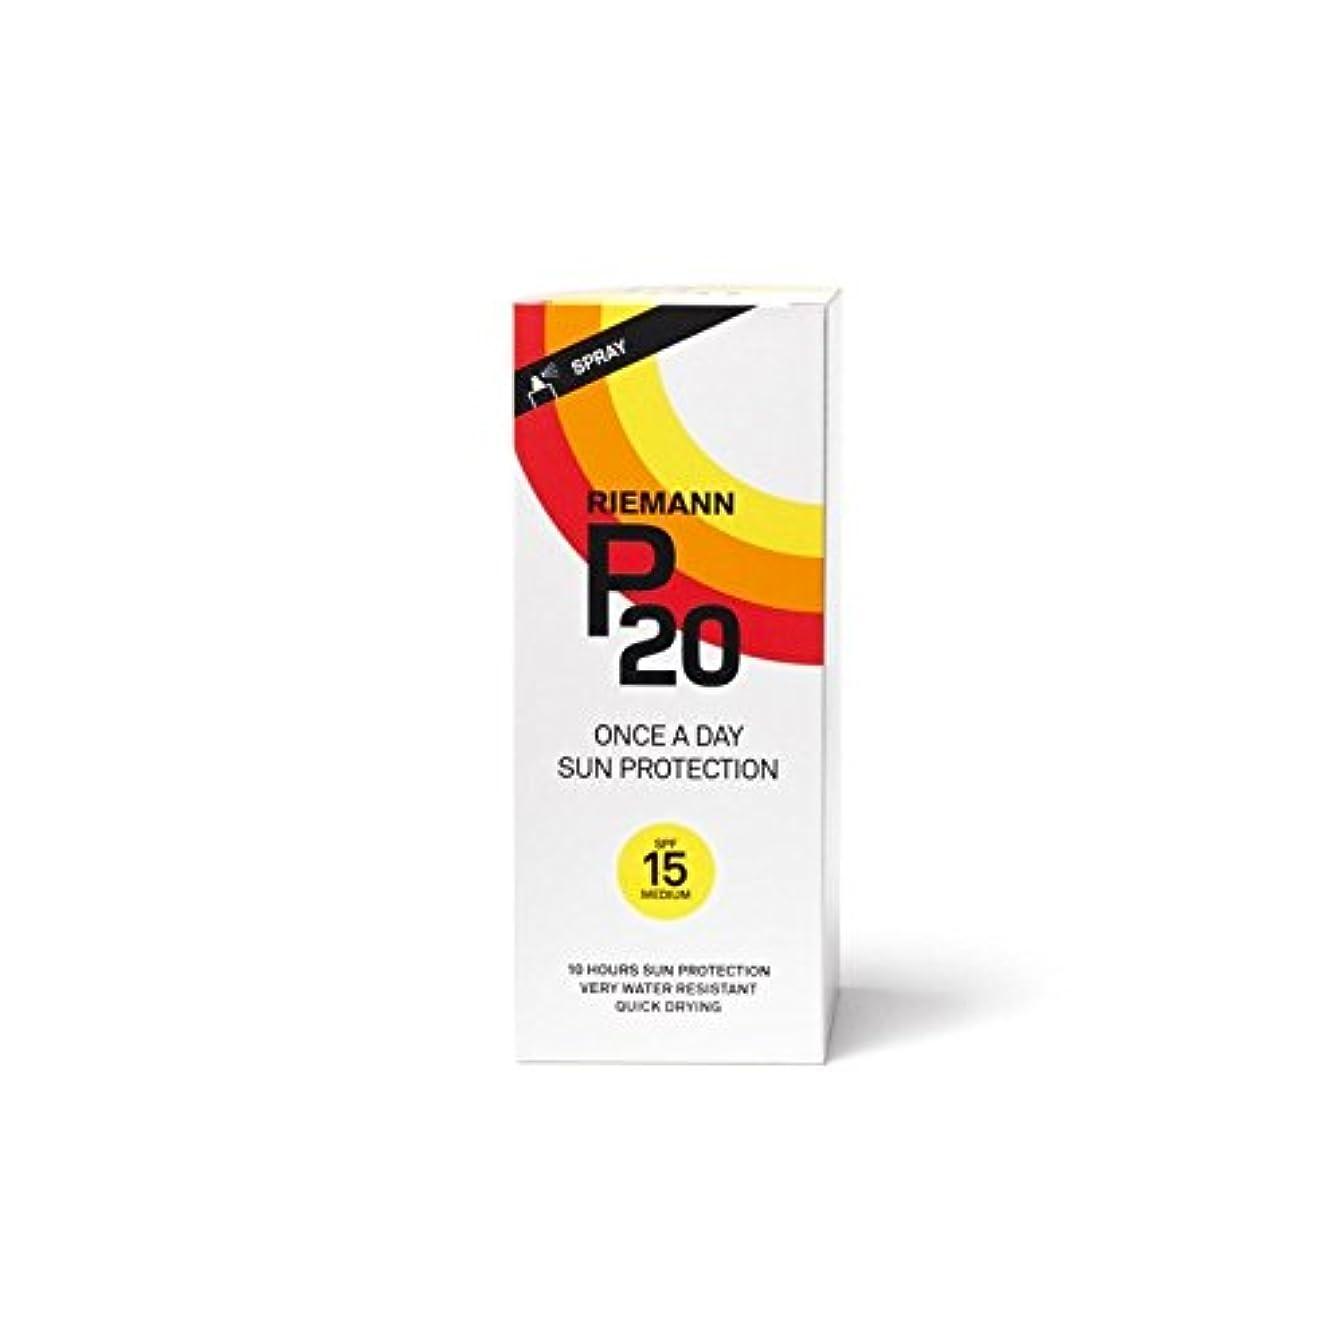 Riemann P20 Sun Filter 200ml SPF15 (Pack of 6) - リーマン20のサンフィルター200ミリリットル15 x6 [並行輸入品]